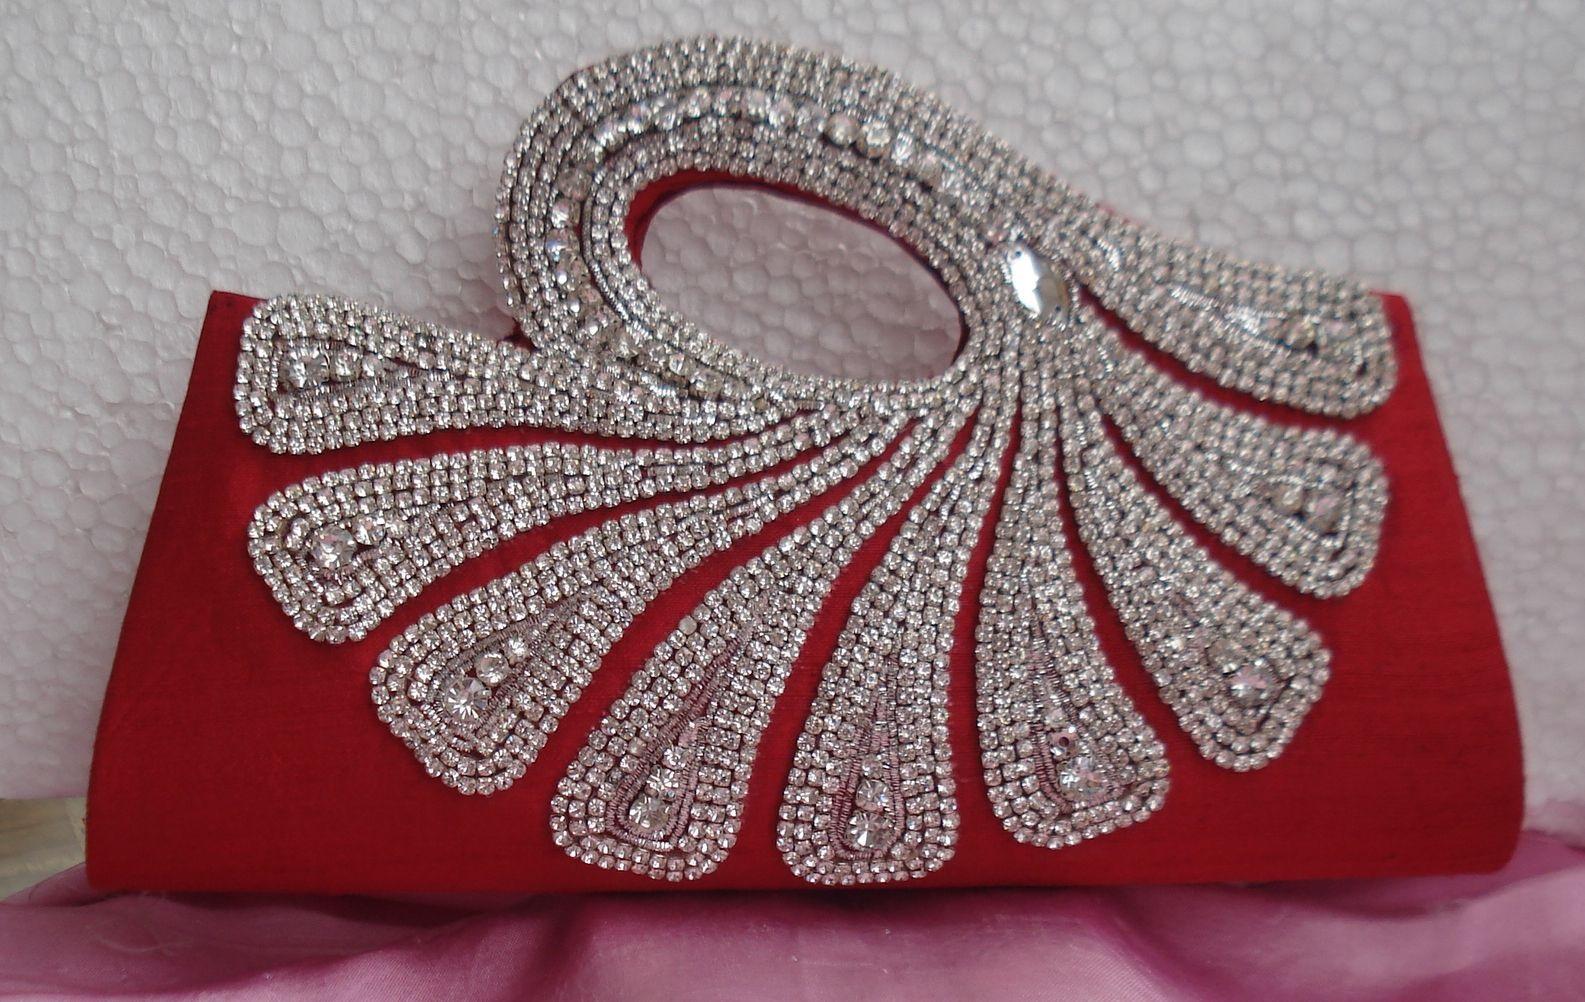 बात अगर ब्राइडल पर्स के ट्रेंड की करें तो दुल्हन शादी के लहंगे के साथ डिजाइनर पर्स कैरी करना पसंद करती हैं जो न केवल ग्लैमर्स लुक देता है बल्कि ड्रेस के साथ भी आसानी से मैच हो जाते हैं।